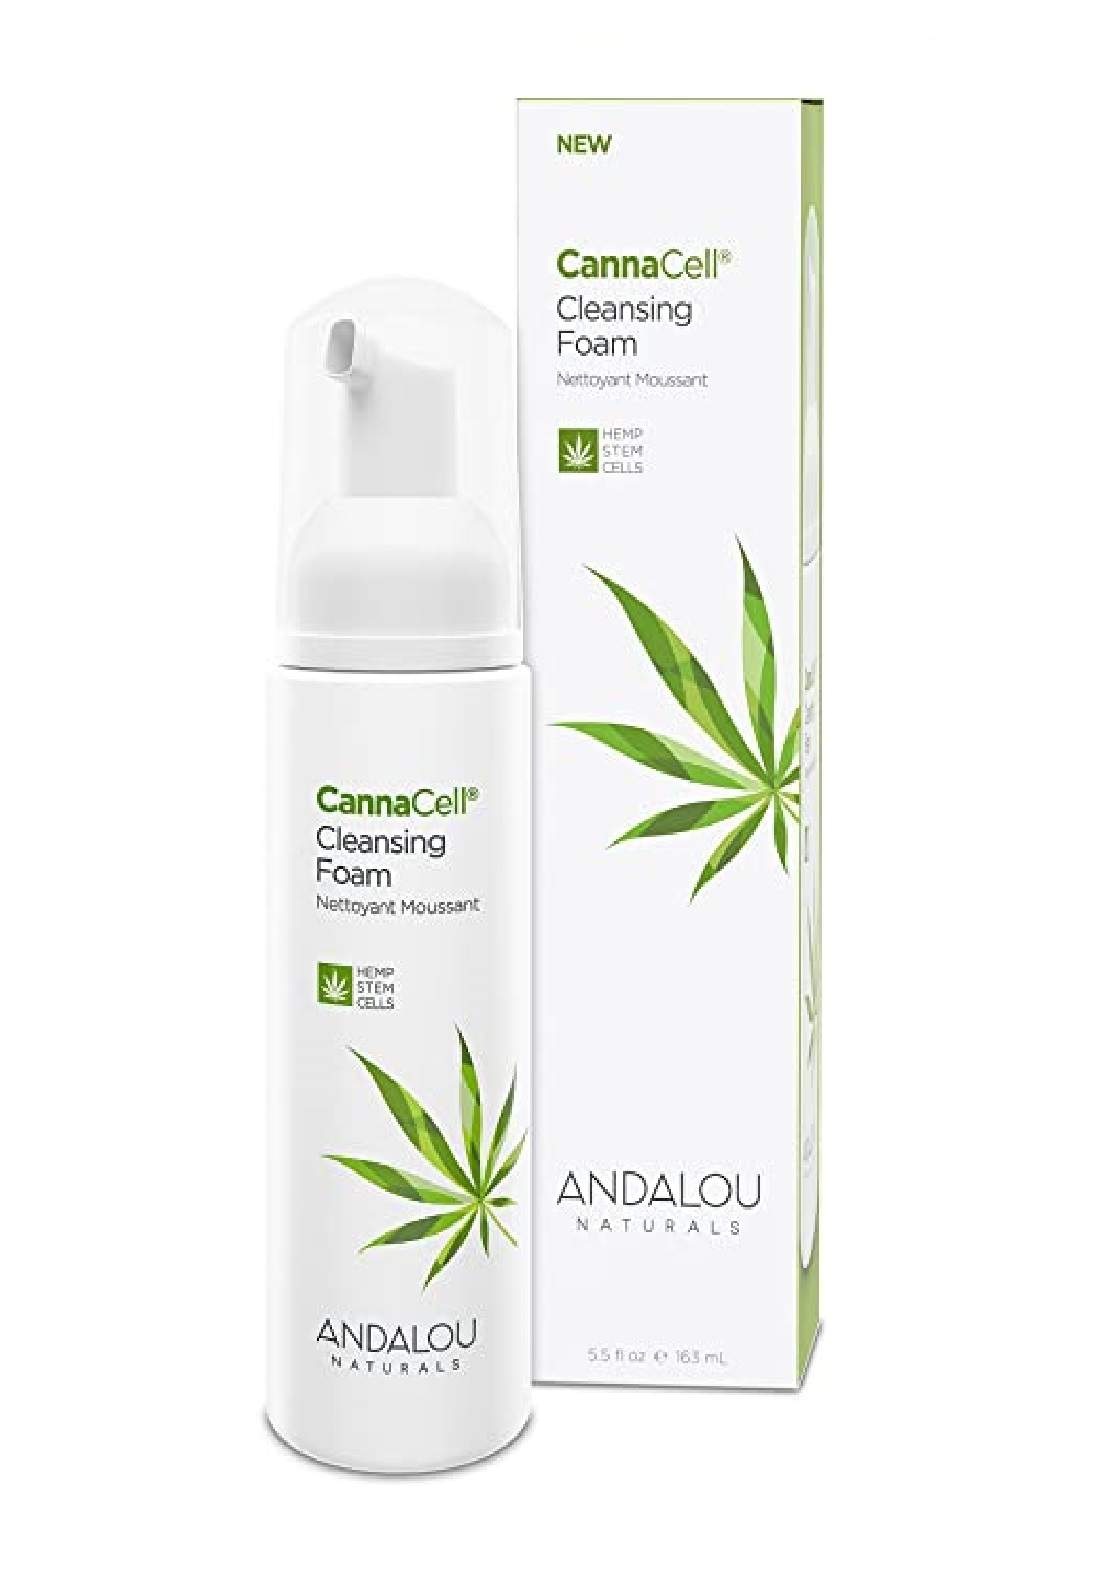 Andalou 7101Naturals CannaCell Cleansing Foam غسول رغوة للبشرة